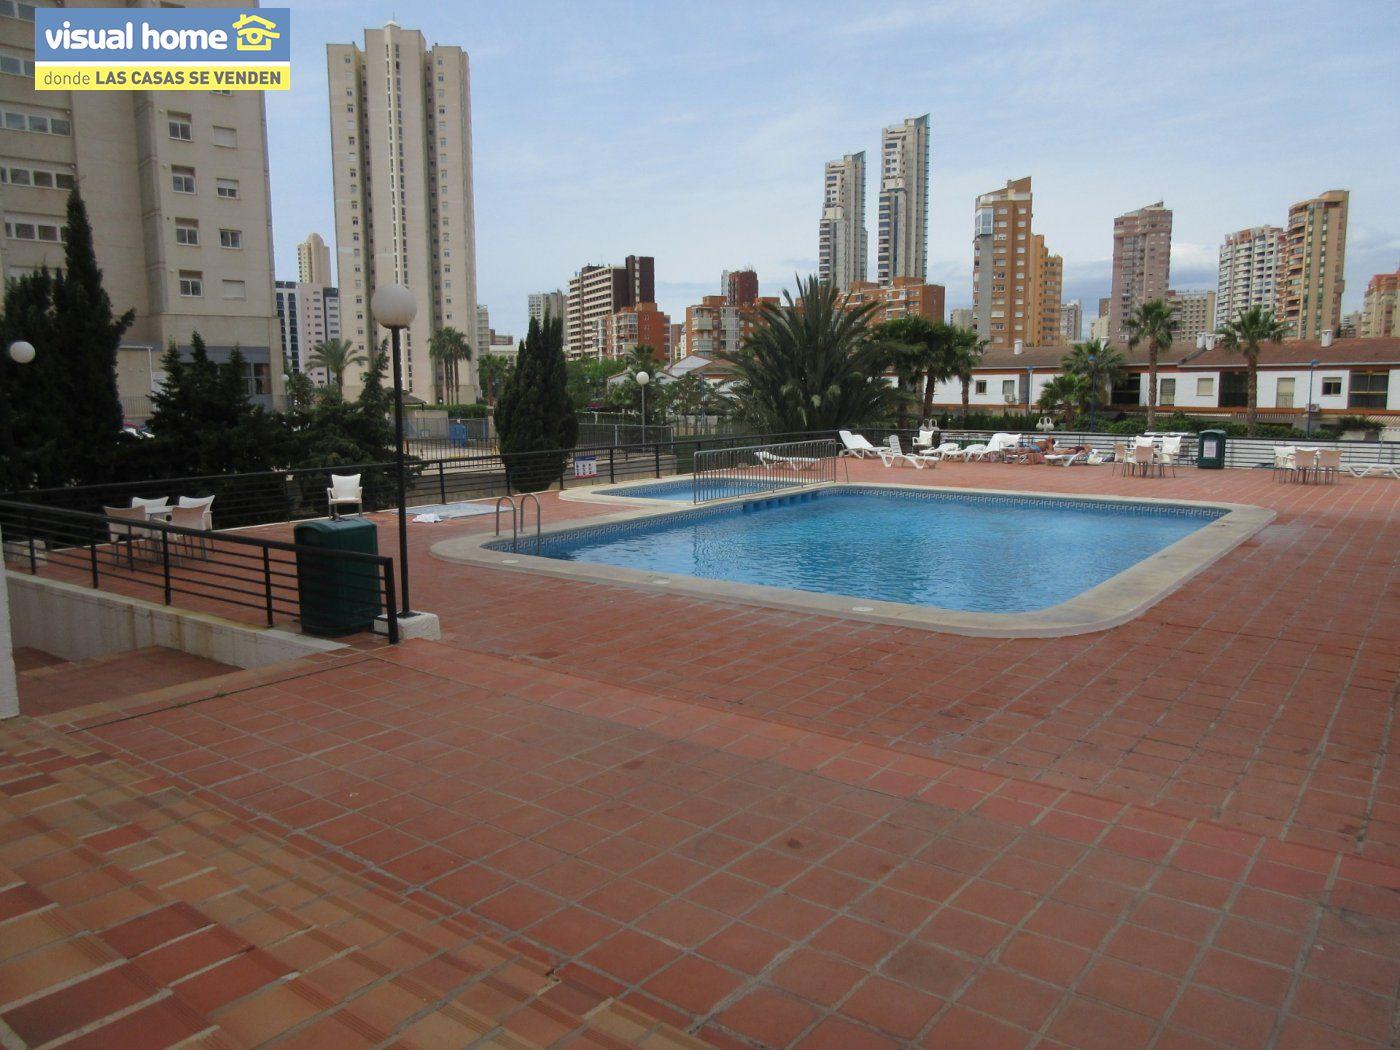 Apartamento de un dormitorio con parking y piscina en Rincón de Loix llano 22